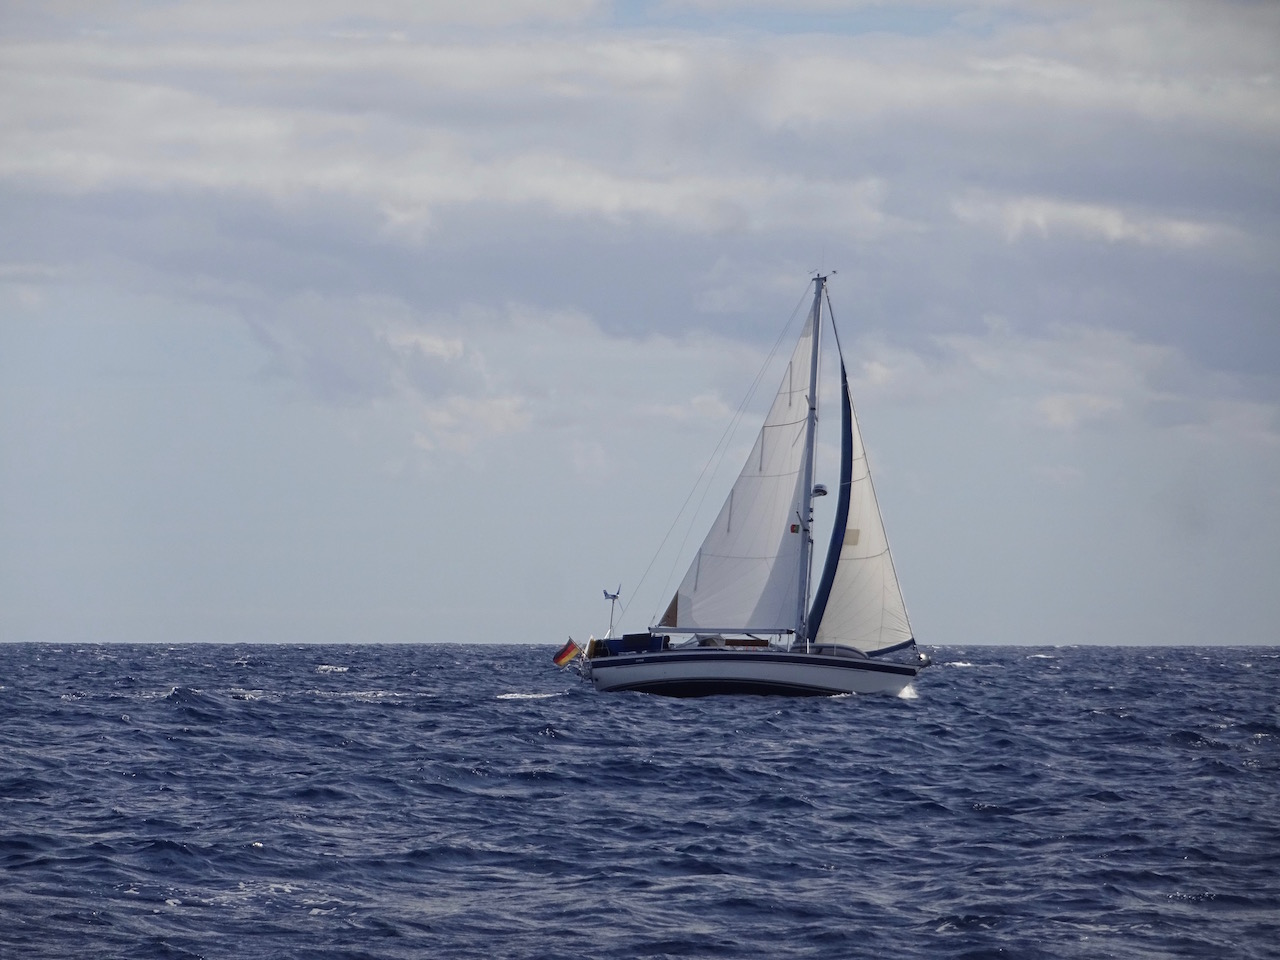 wie Zwillinge rauschen unsere beiden Schiffe durch den Atlantik